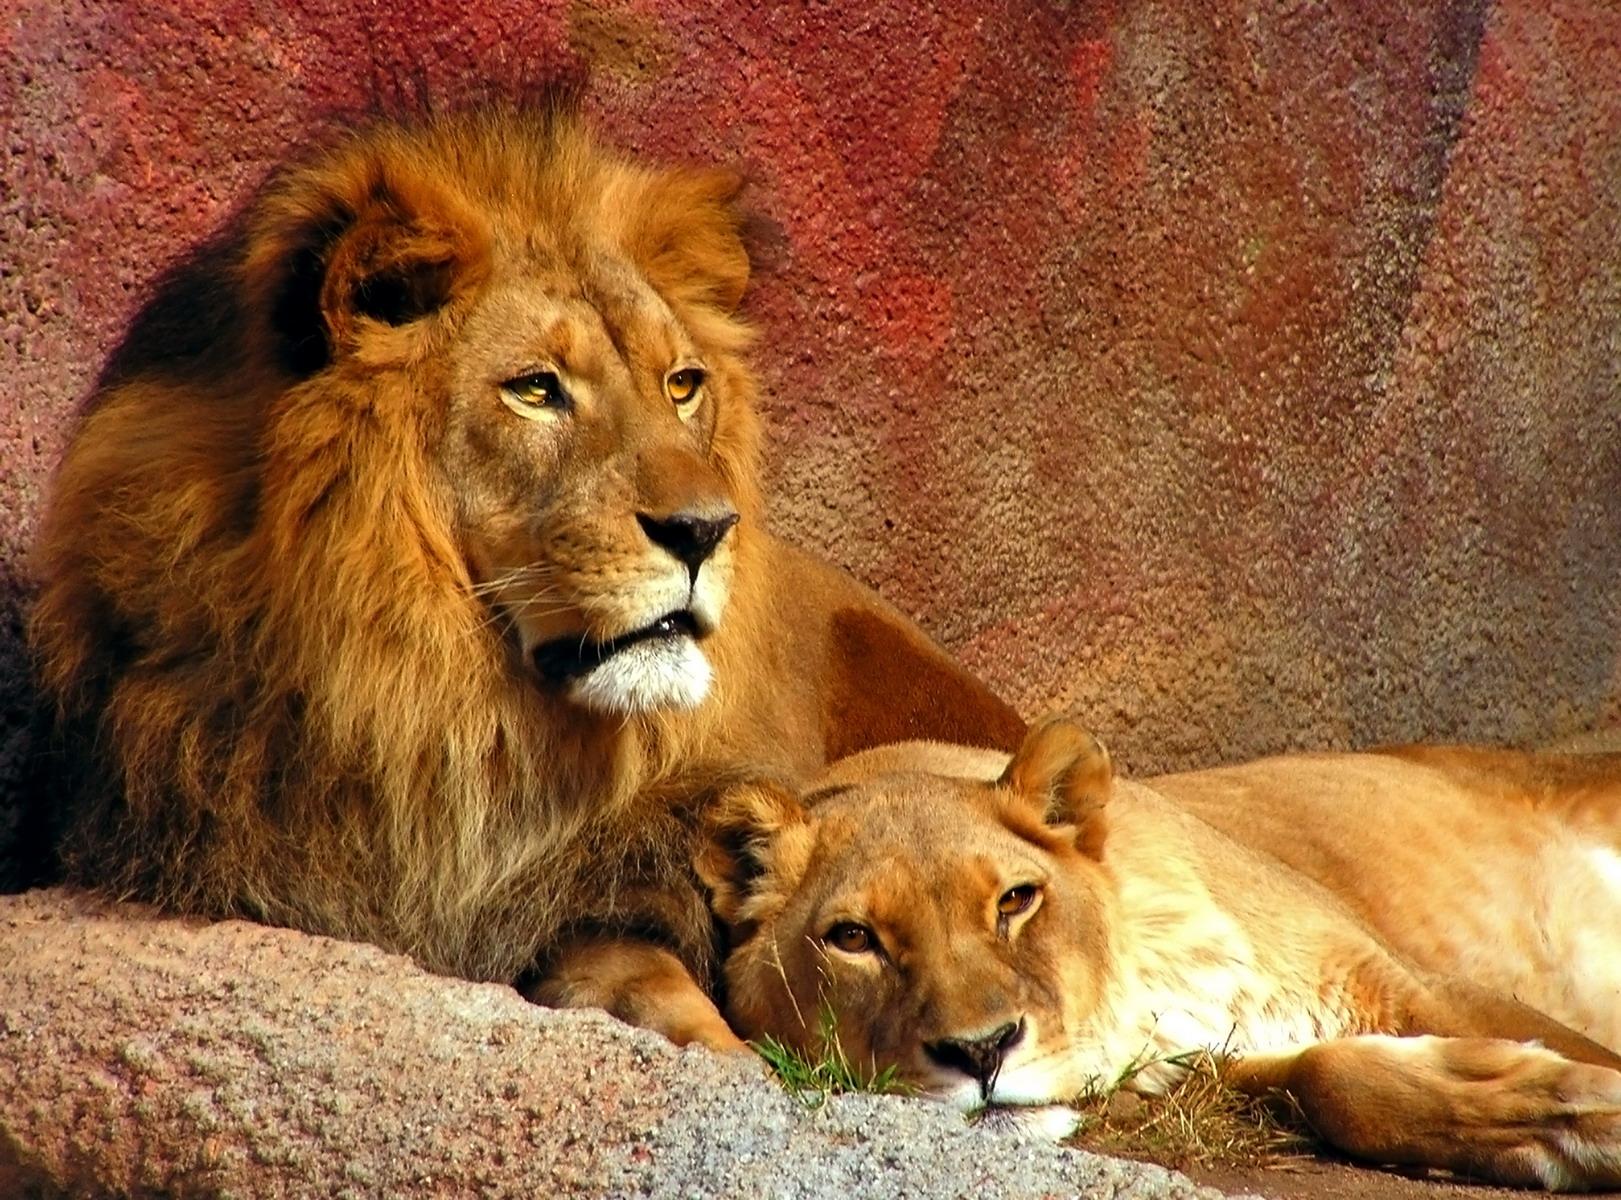 загрузить фото львов лопату новой для